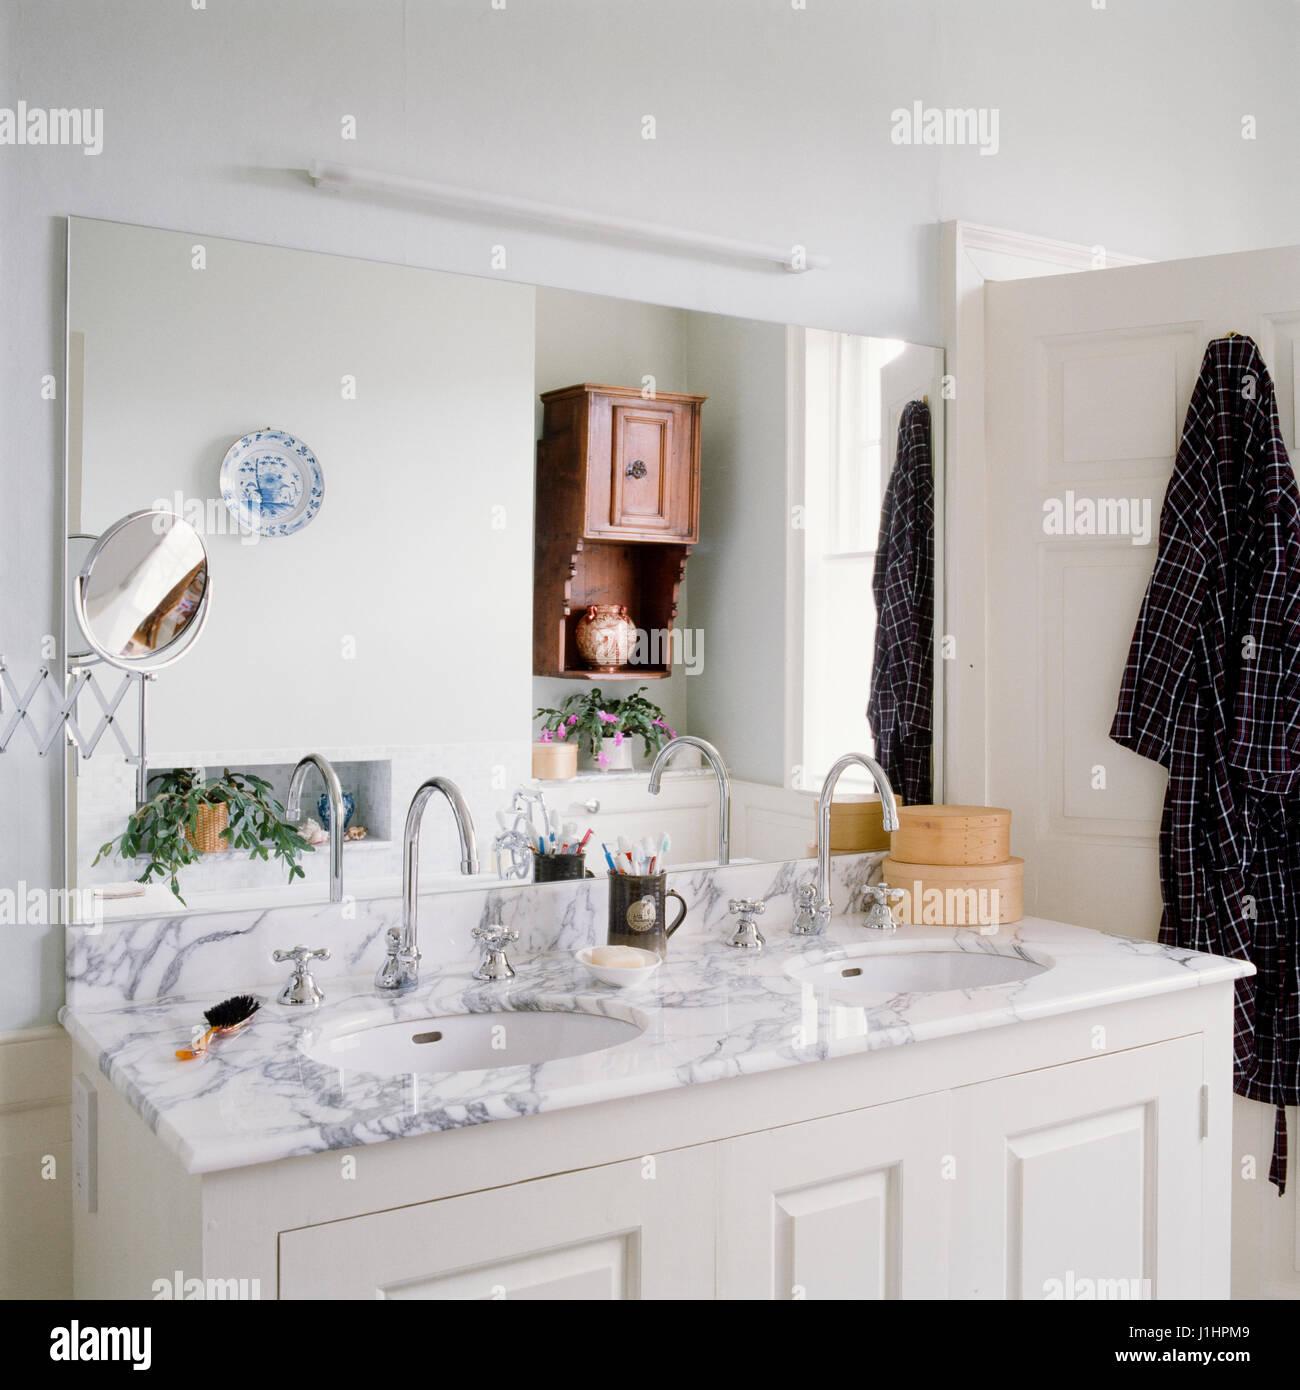 Old Washbasin Bathroom Sink Stock Photos & Old Washbasin Bathroom ...